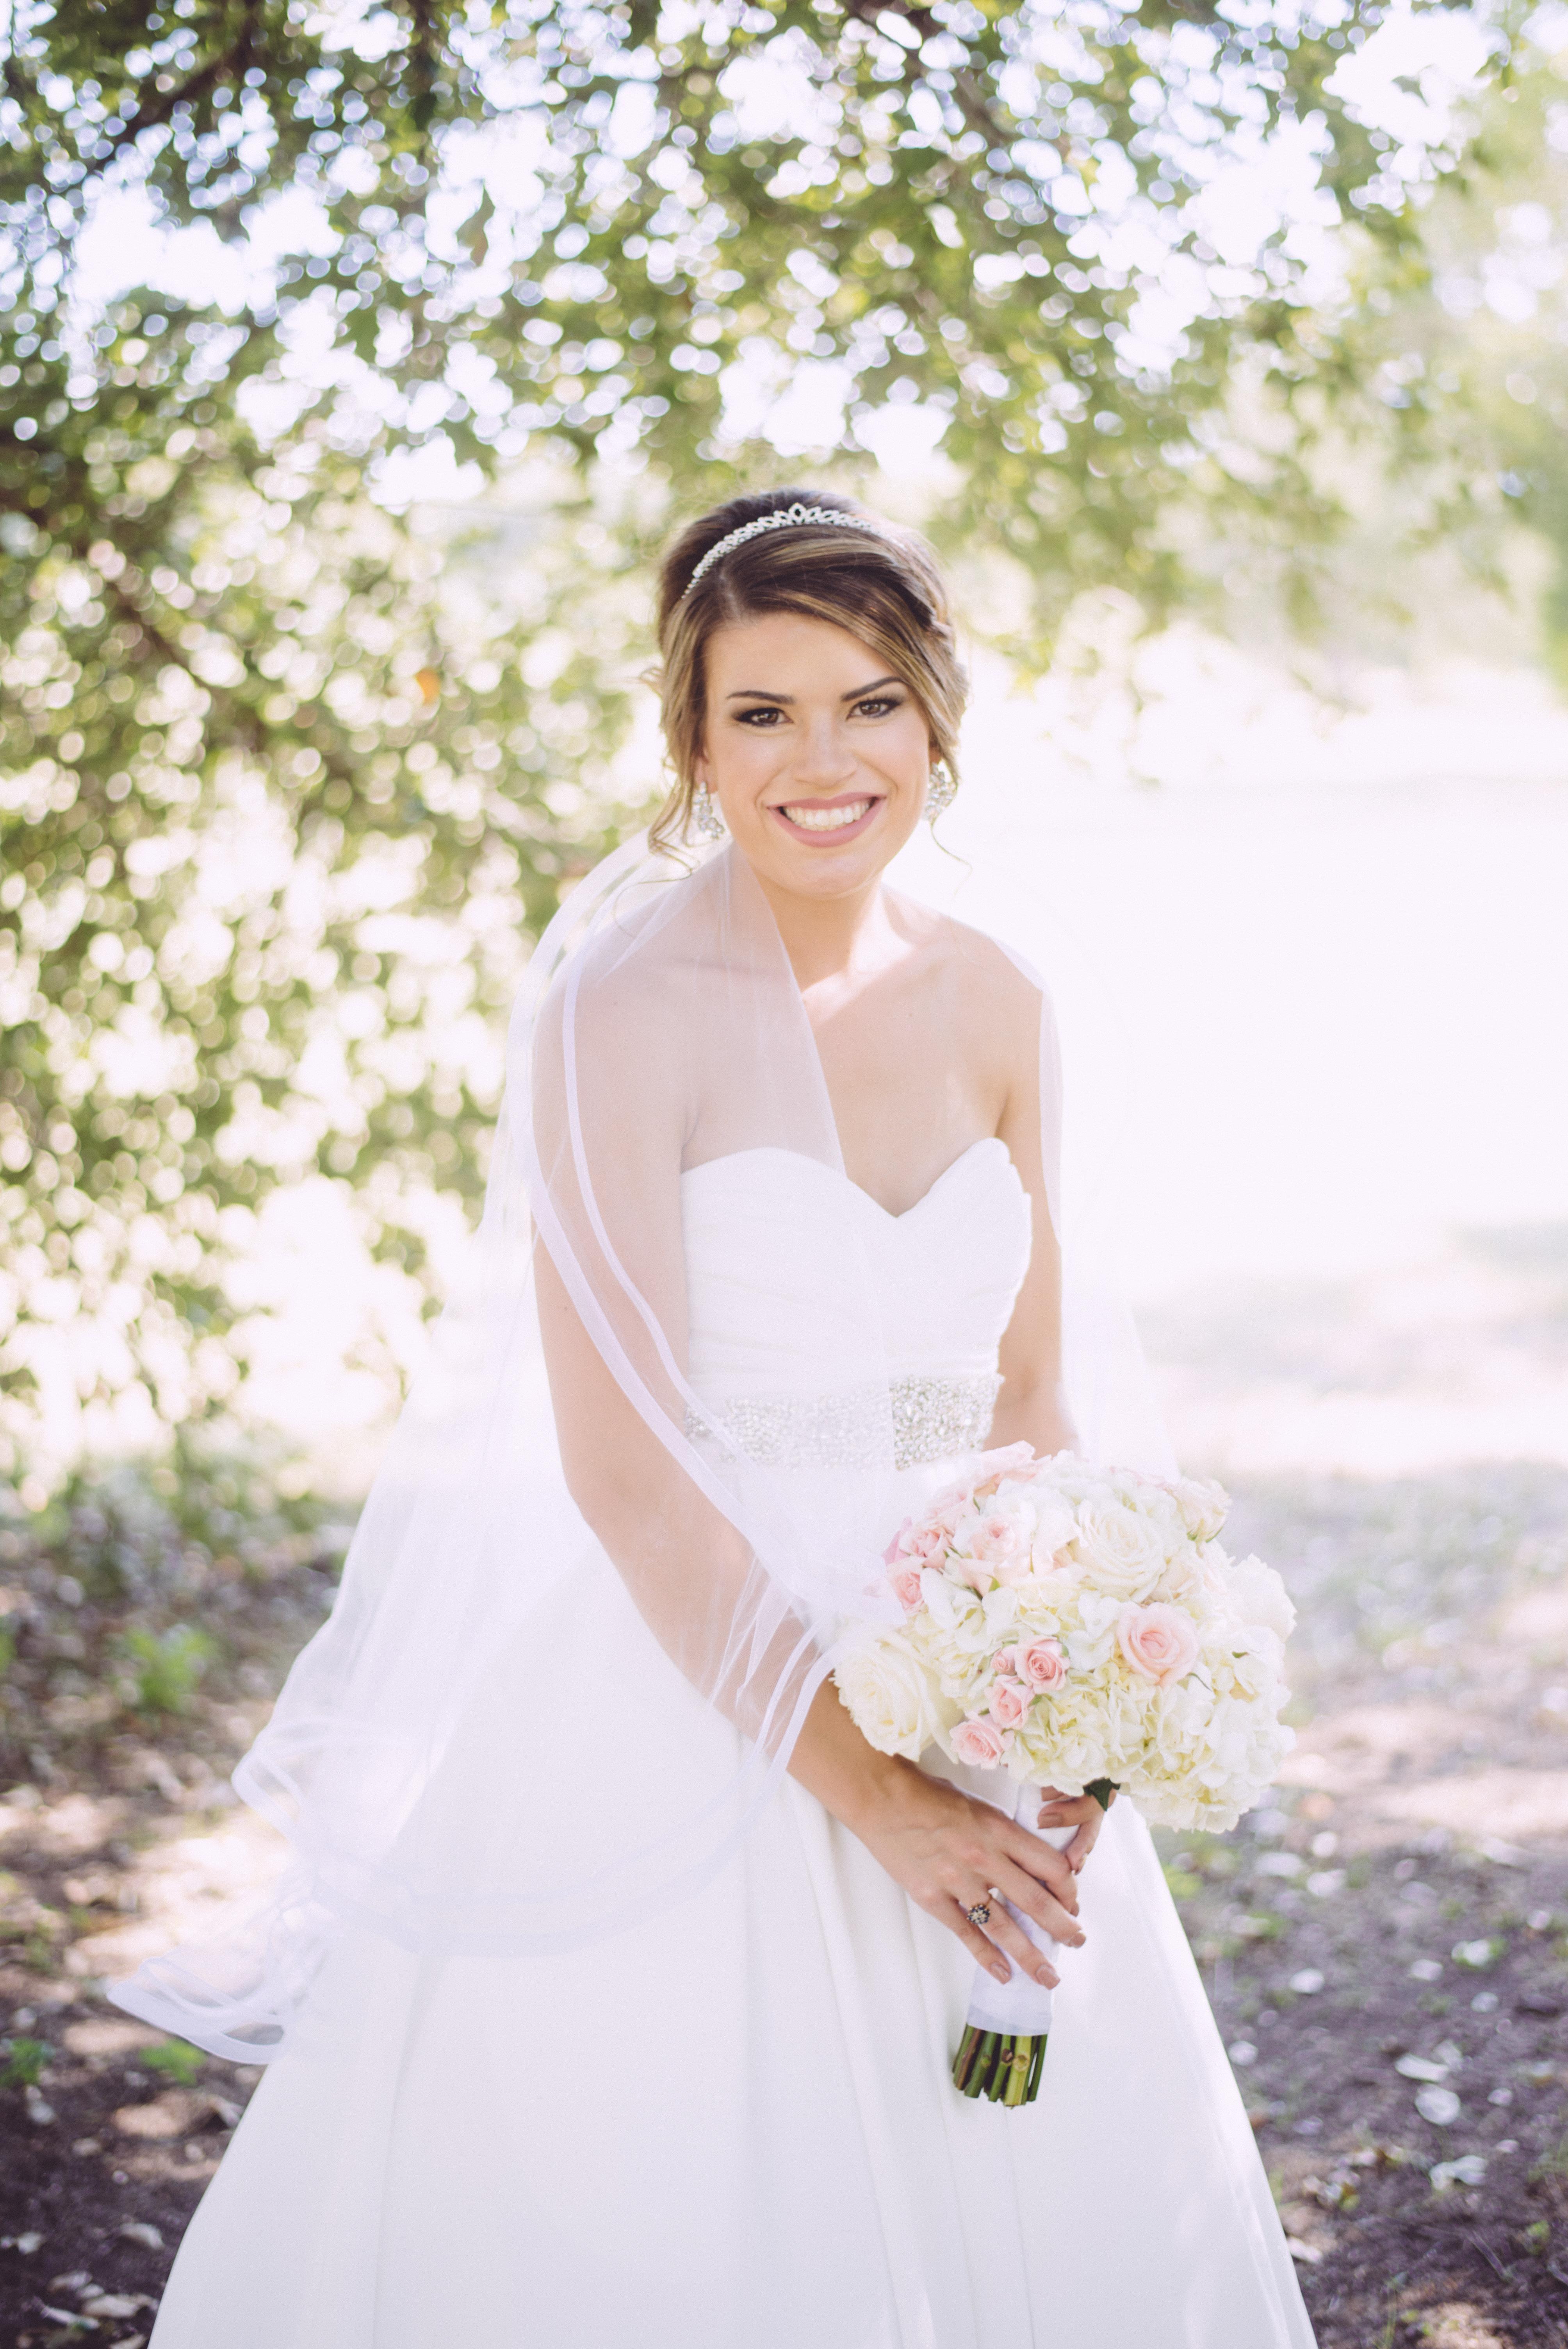 acwedding-12327123acwedding